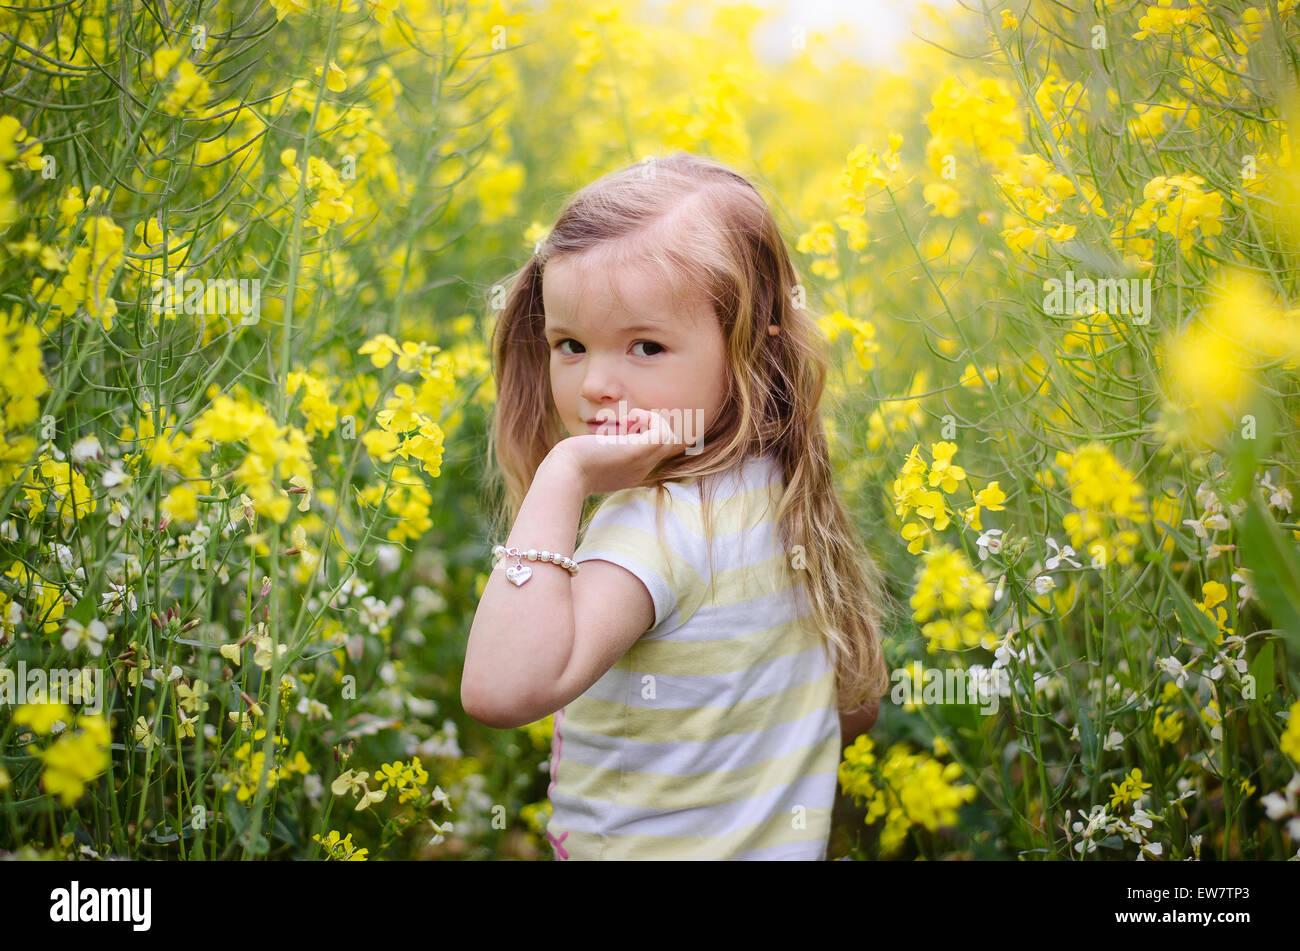 Ragazza guardando sopra la sua spalla in un prato di fiori gialli Immagini Stock